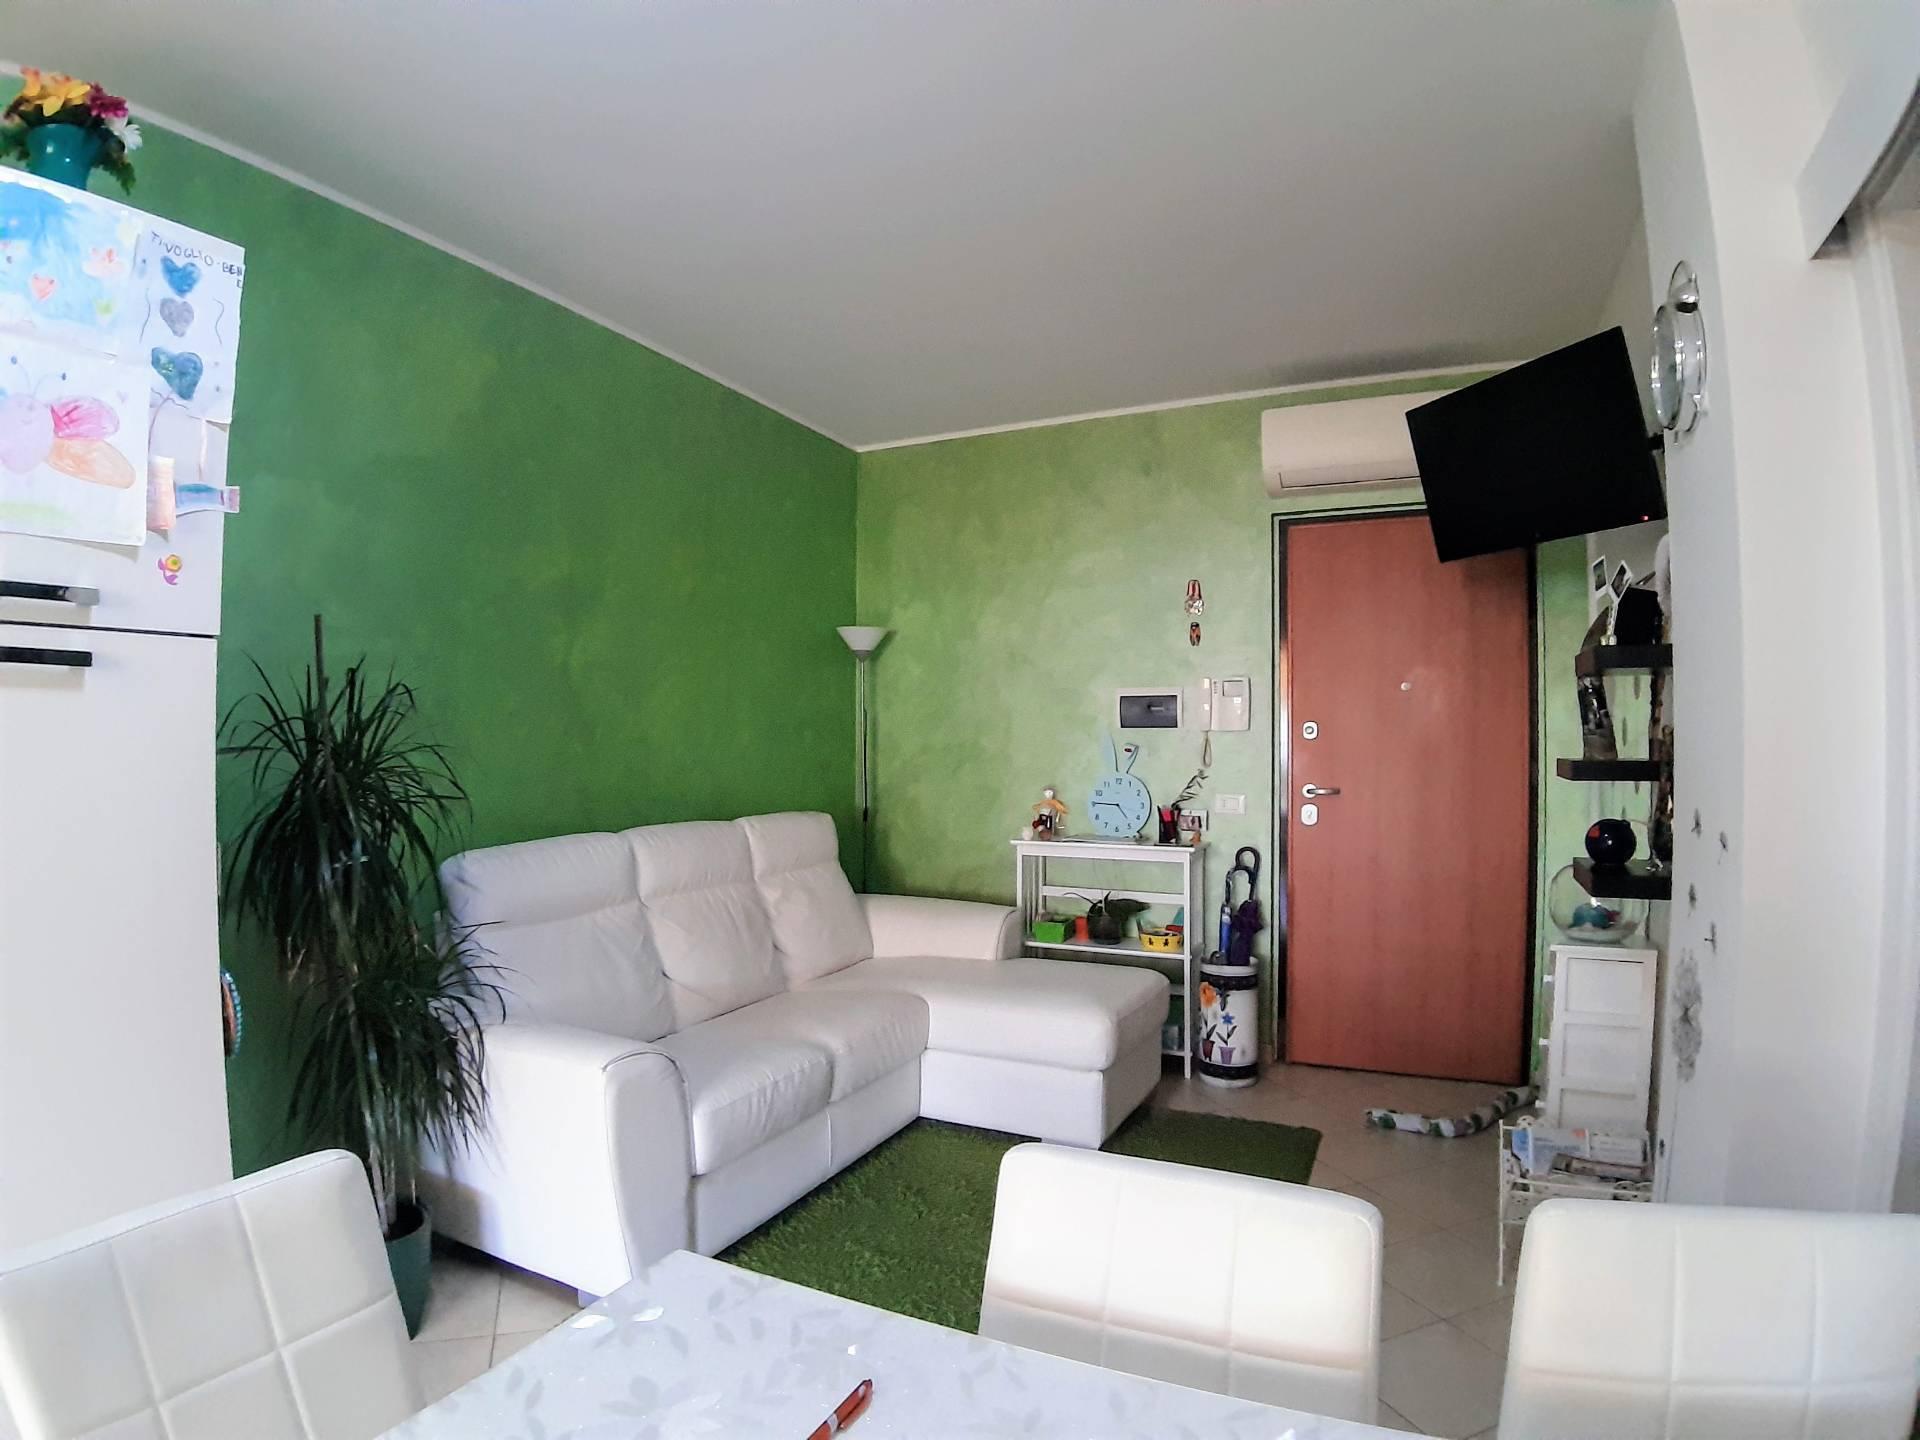 Appartamento in vendita a Tortoreto, 4 locali, zona Località: LIDO, prezzo € 105.000 | PortaleAgenzieImmobiliari.it